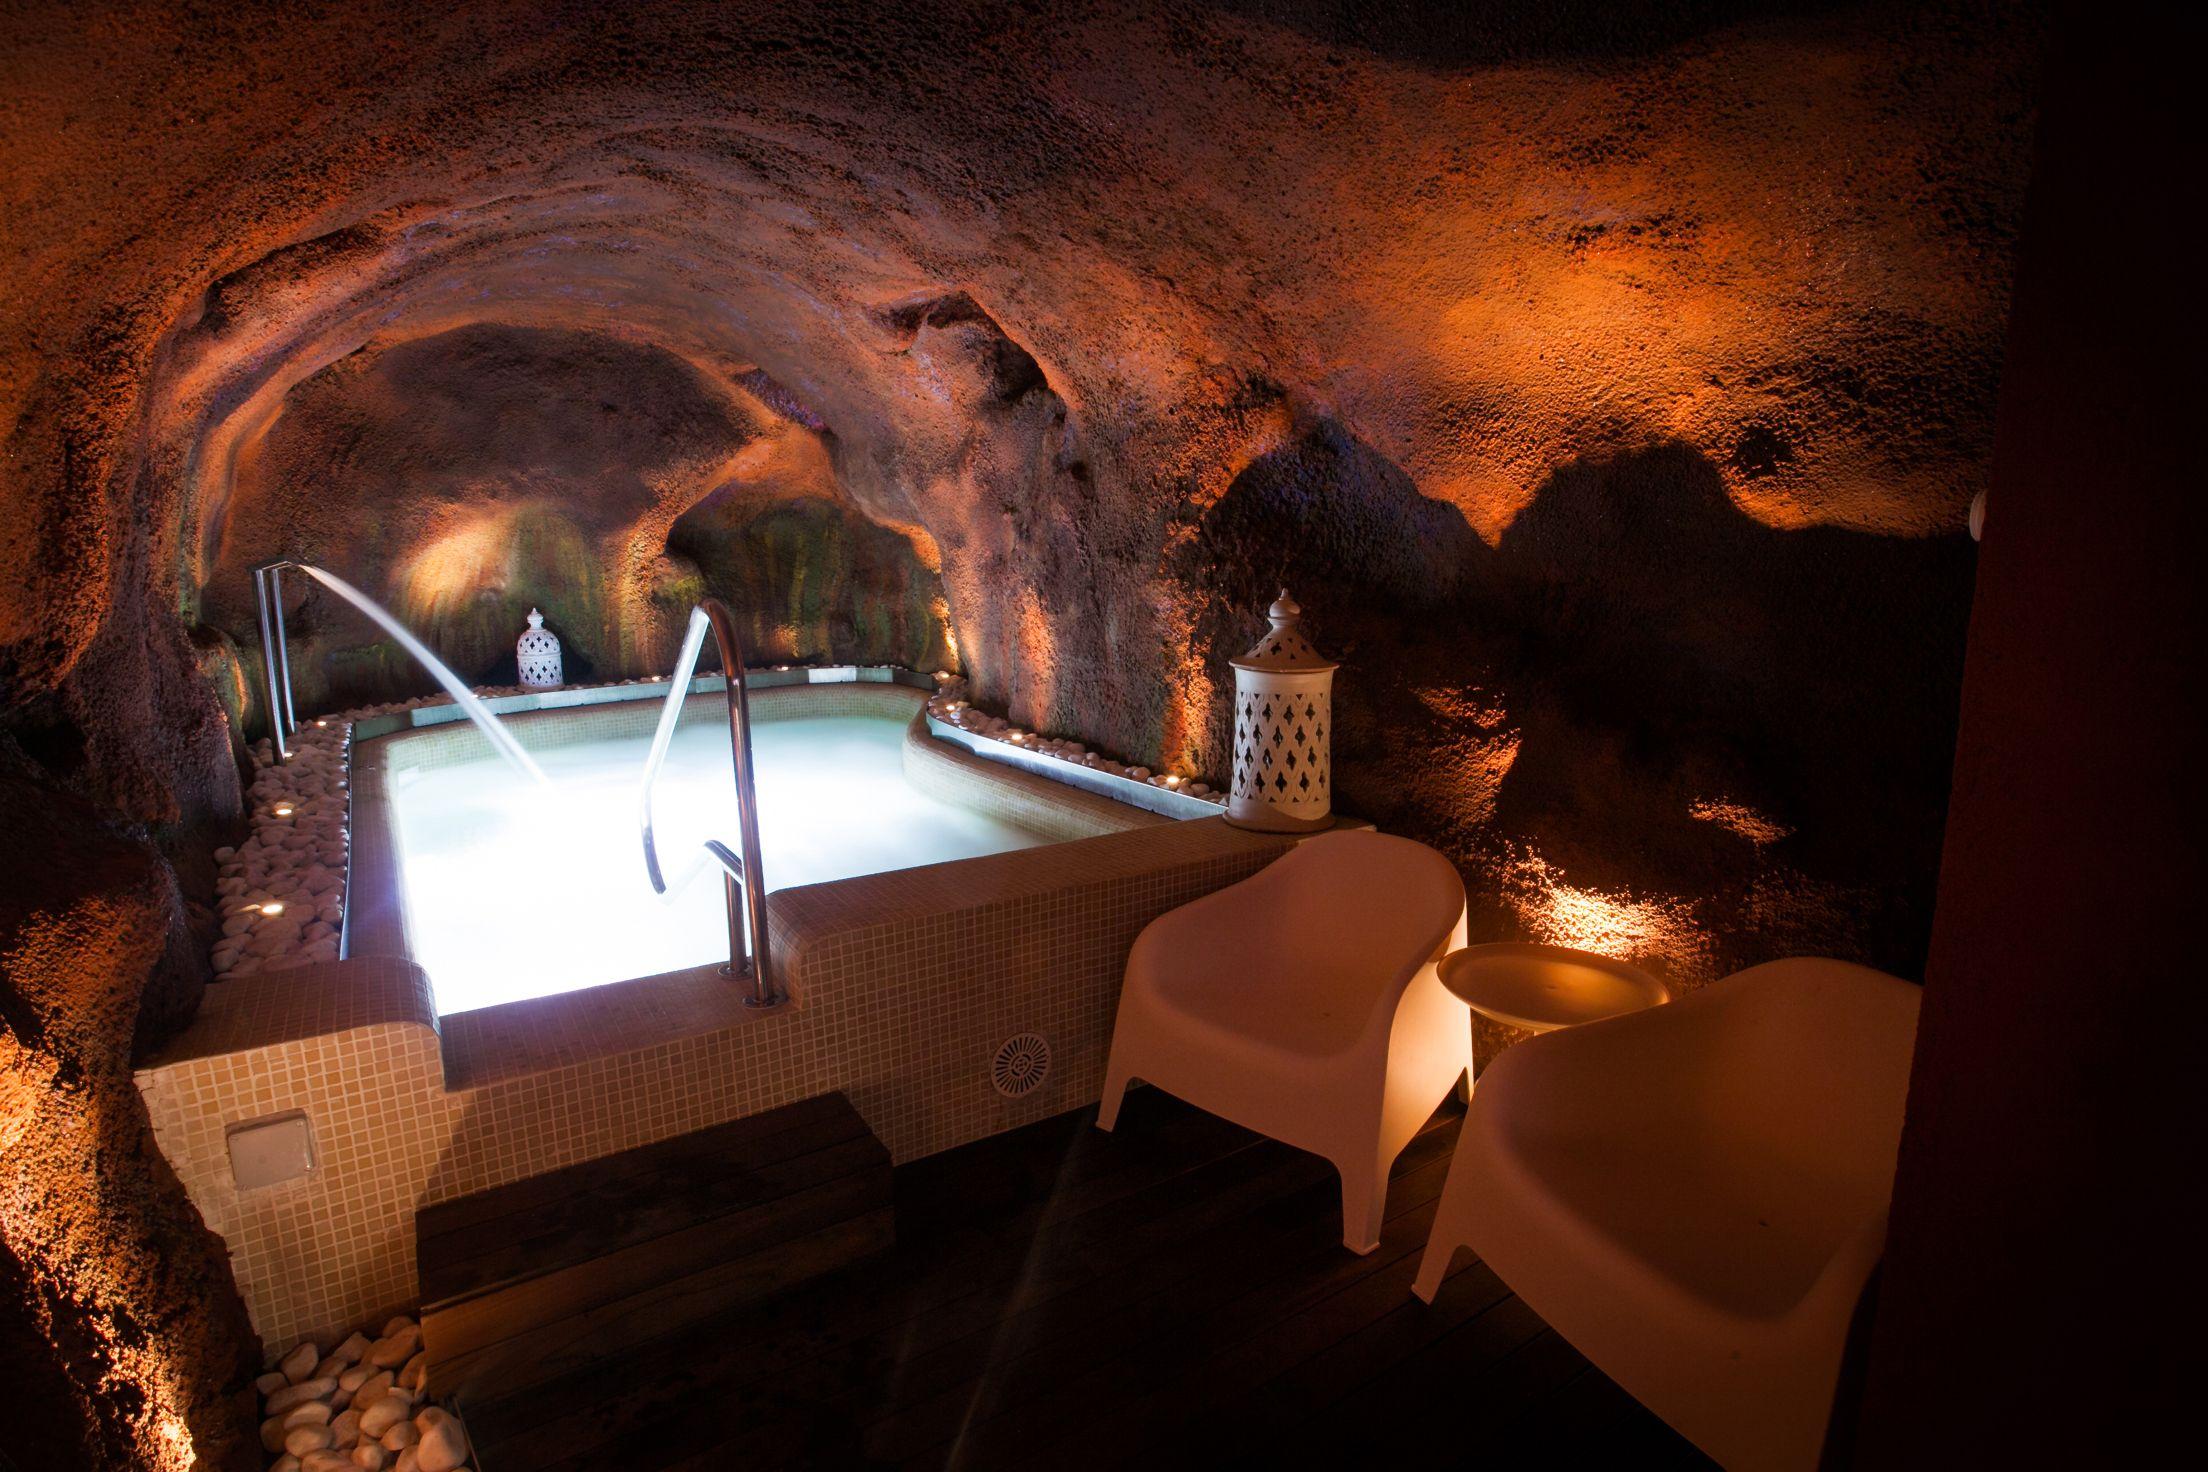 Abrimos El Spa Para Todos Aunque No Te Alojes Puedes Relajarte En La Cueva Termal De La Graja Toda La Información Aquí Http Bit Spa Relax Volver Al Trabajo